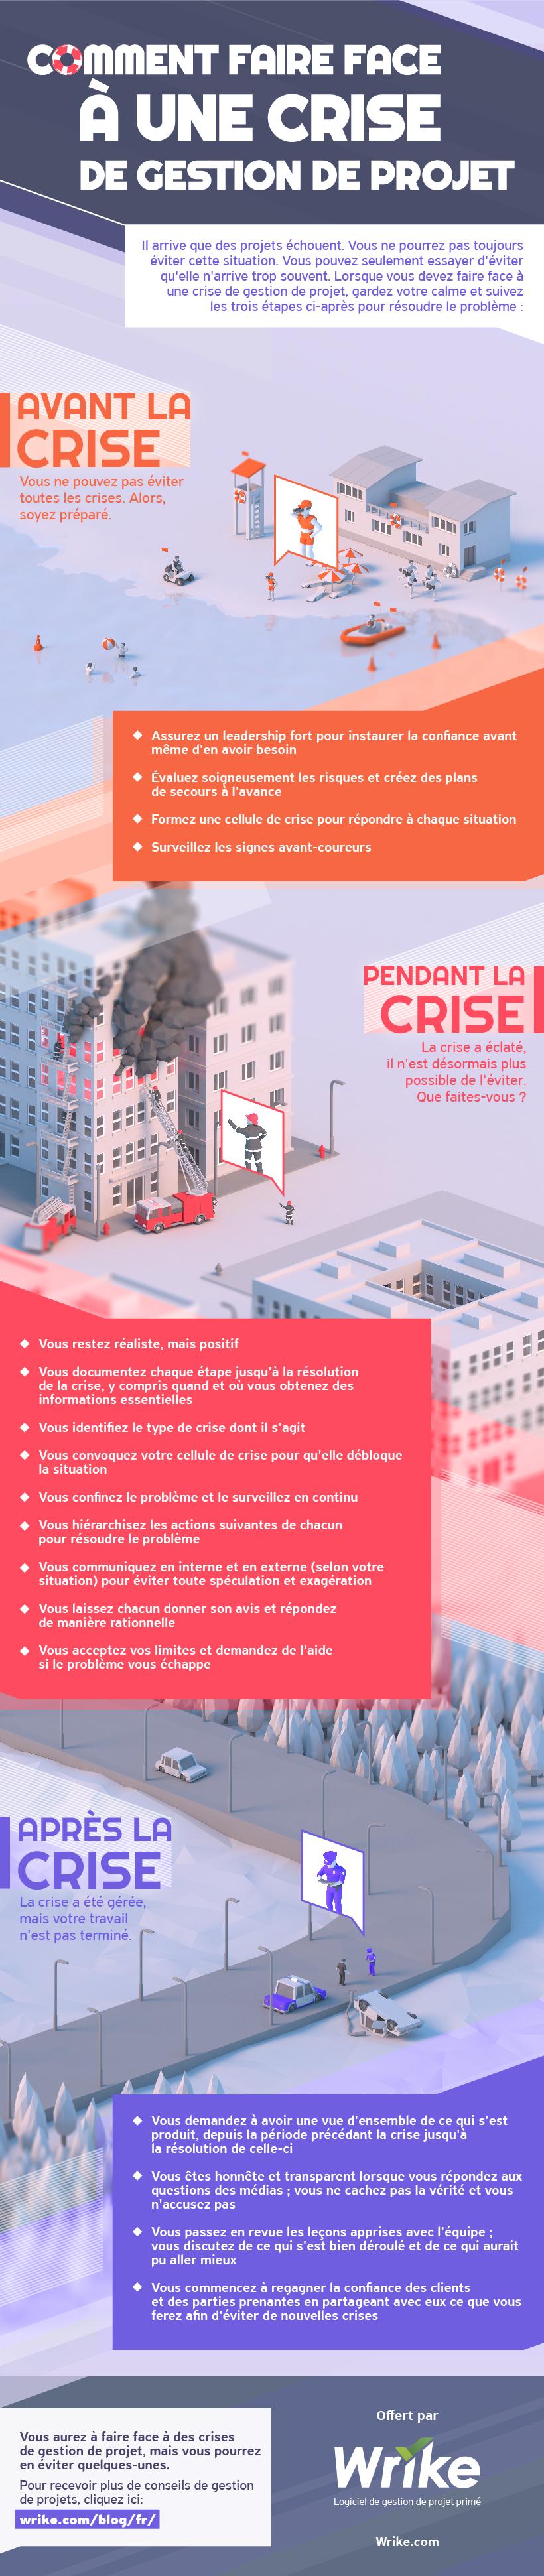 Comment faire face à une crise de gestion de projet